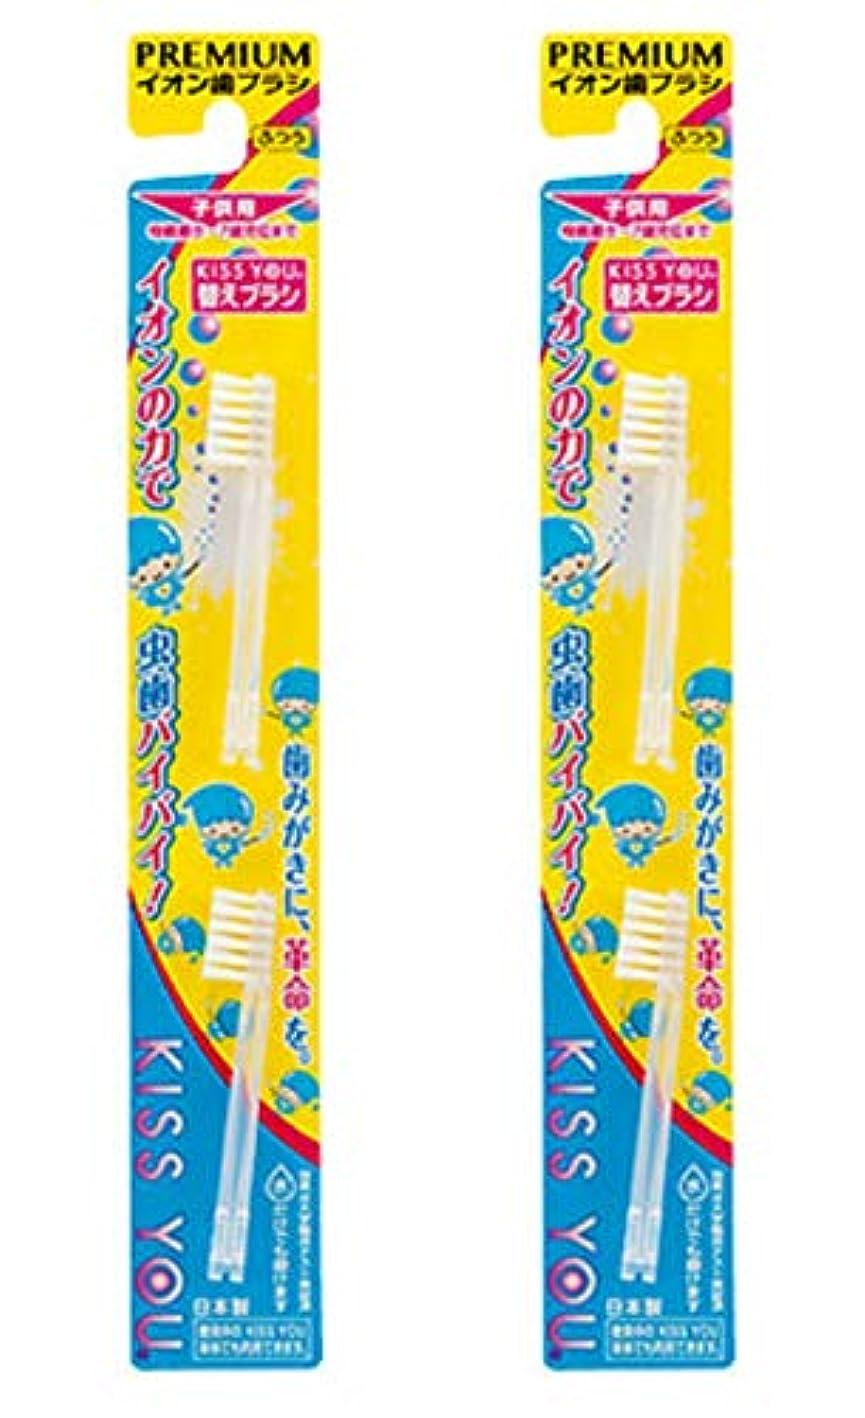 鼓舞する予知消費するKISS YOU(キスユー) イオン歯ブラシ 子供用替えブラシ ふつう 2本入り × 2セット